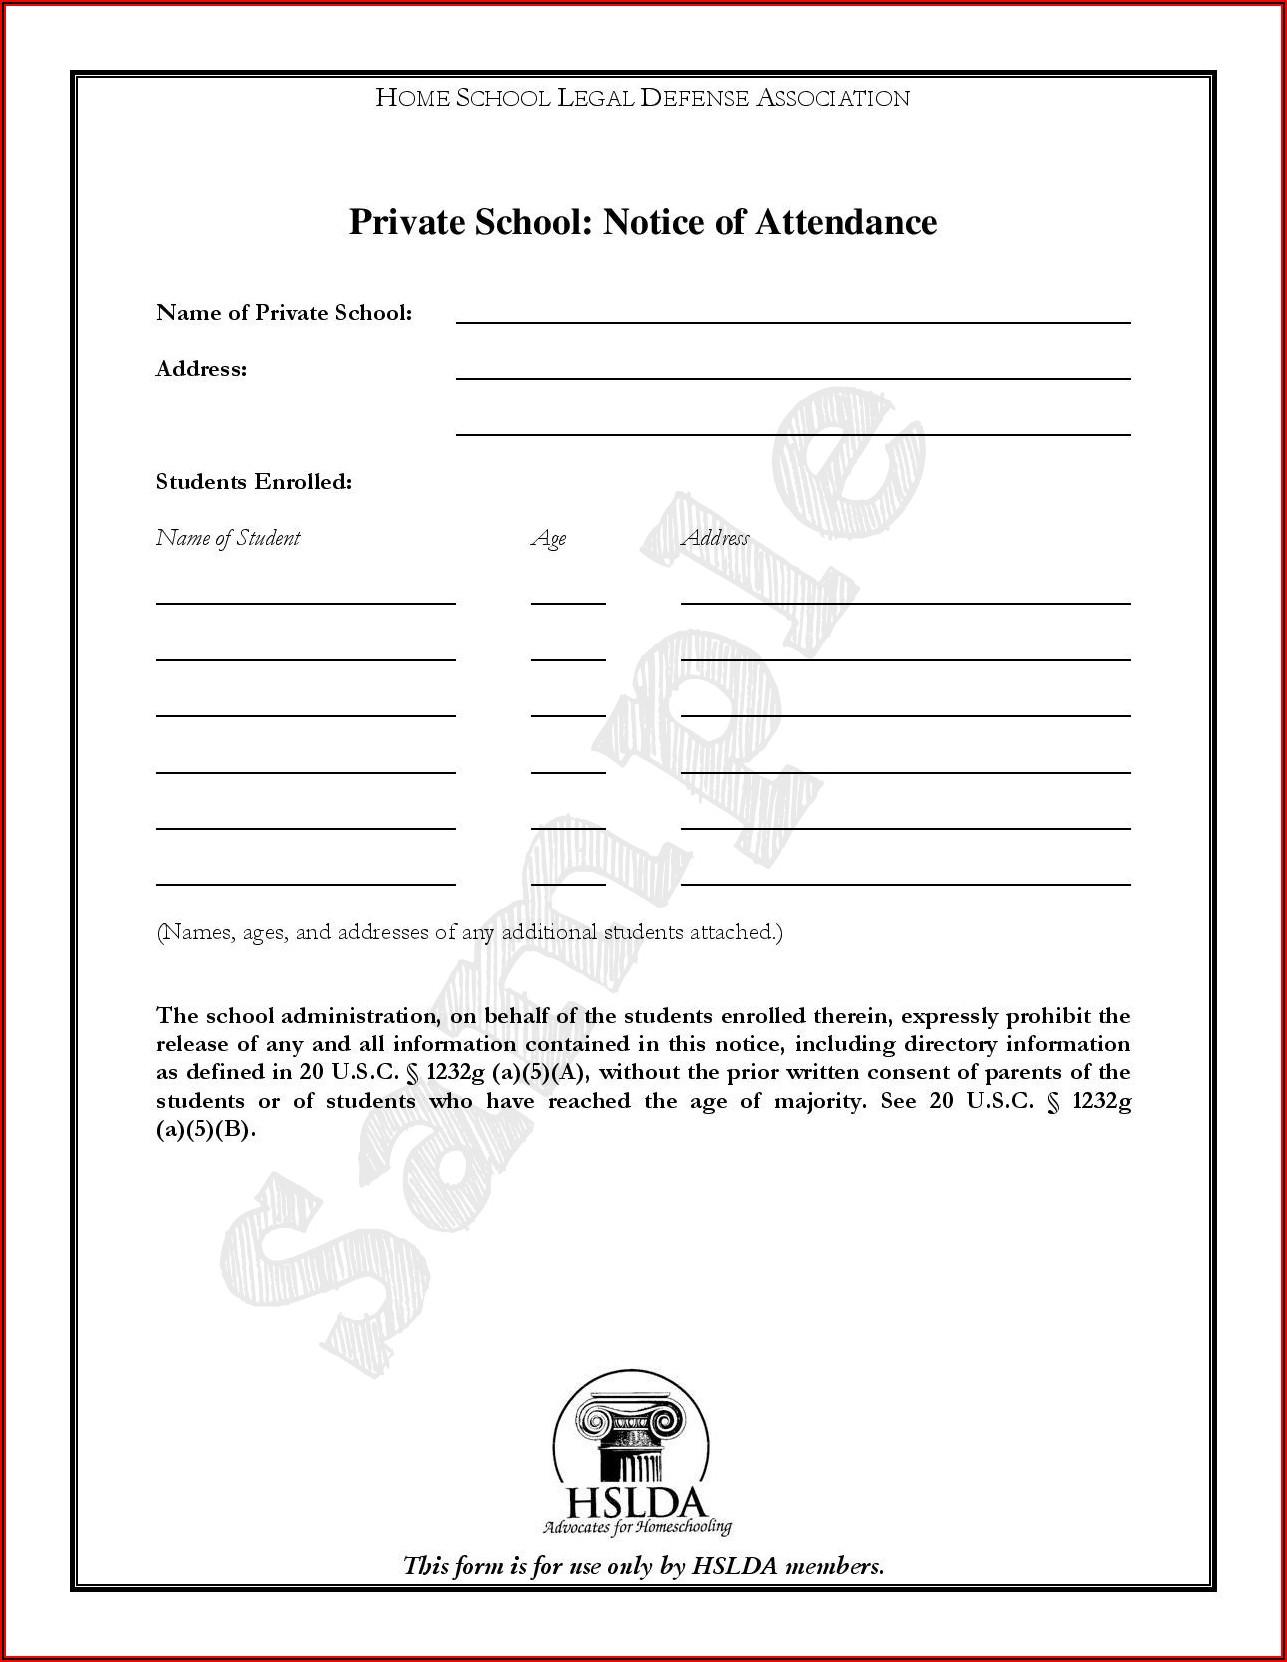 Letter Of Intent To Homeschool Massachusetts